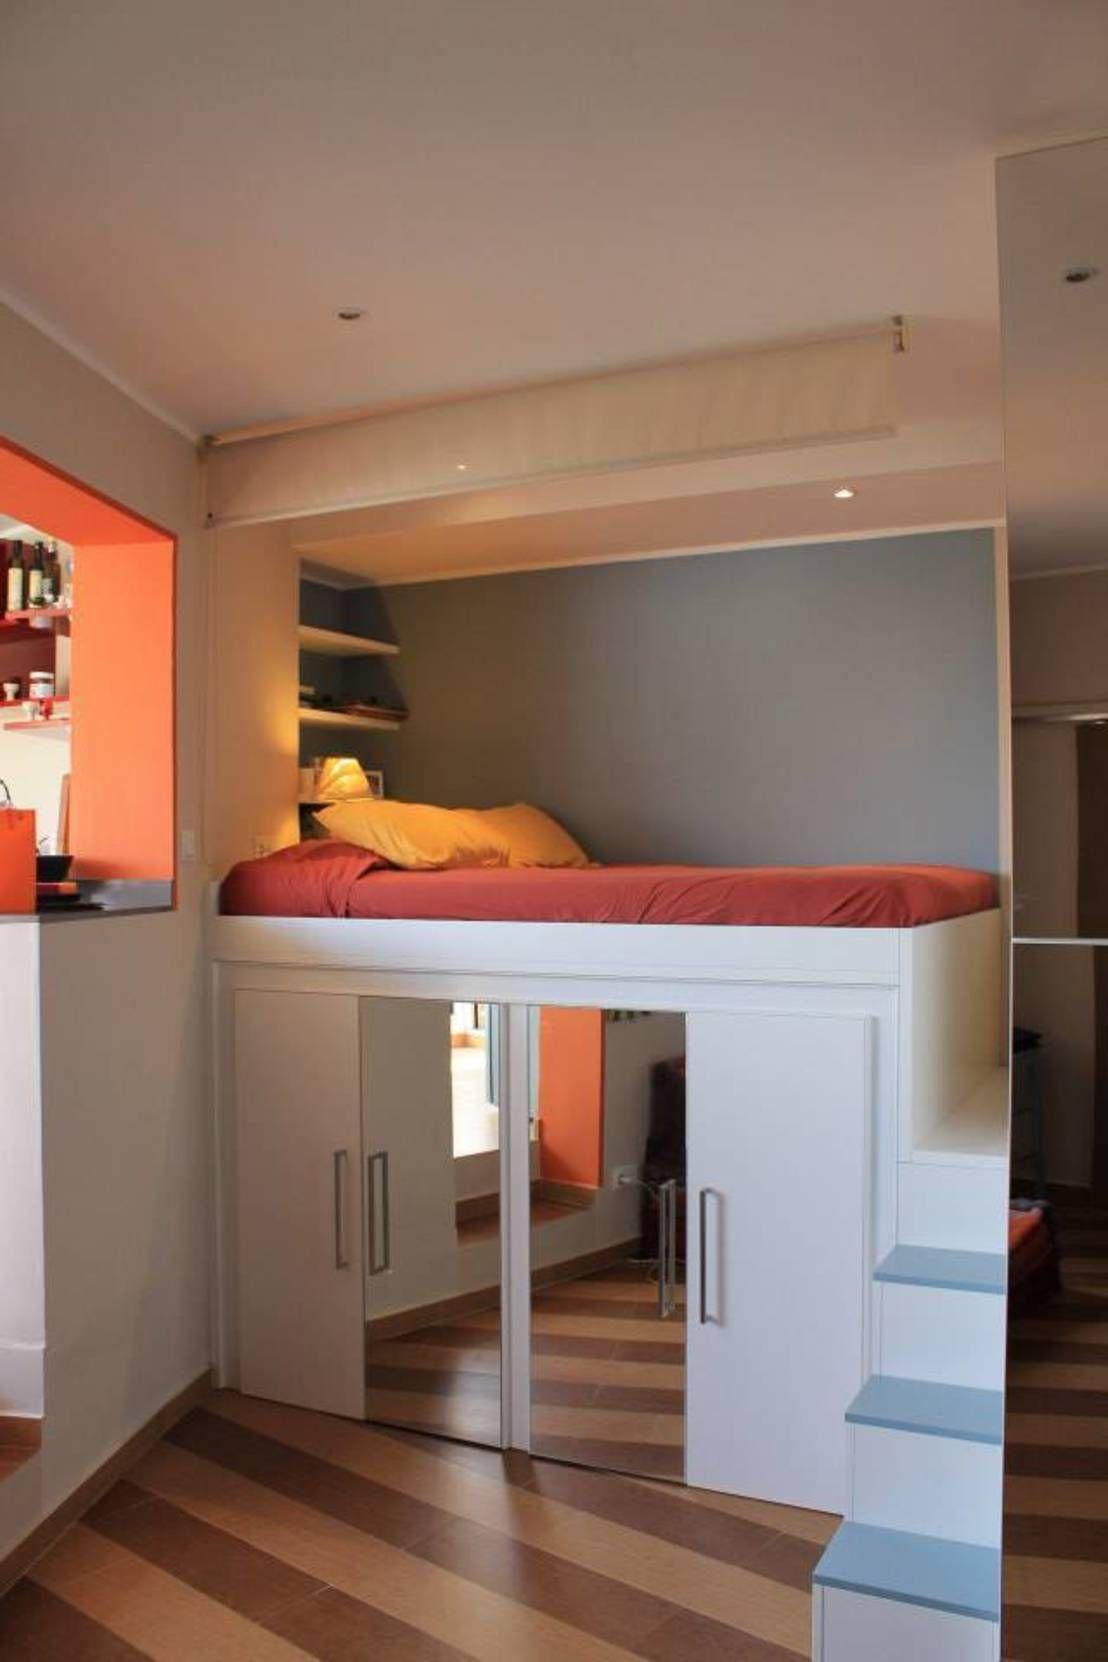 9 ideas para optimizar el espacio en casas peque as en for Espacio casa online